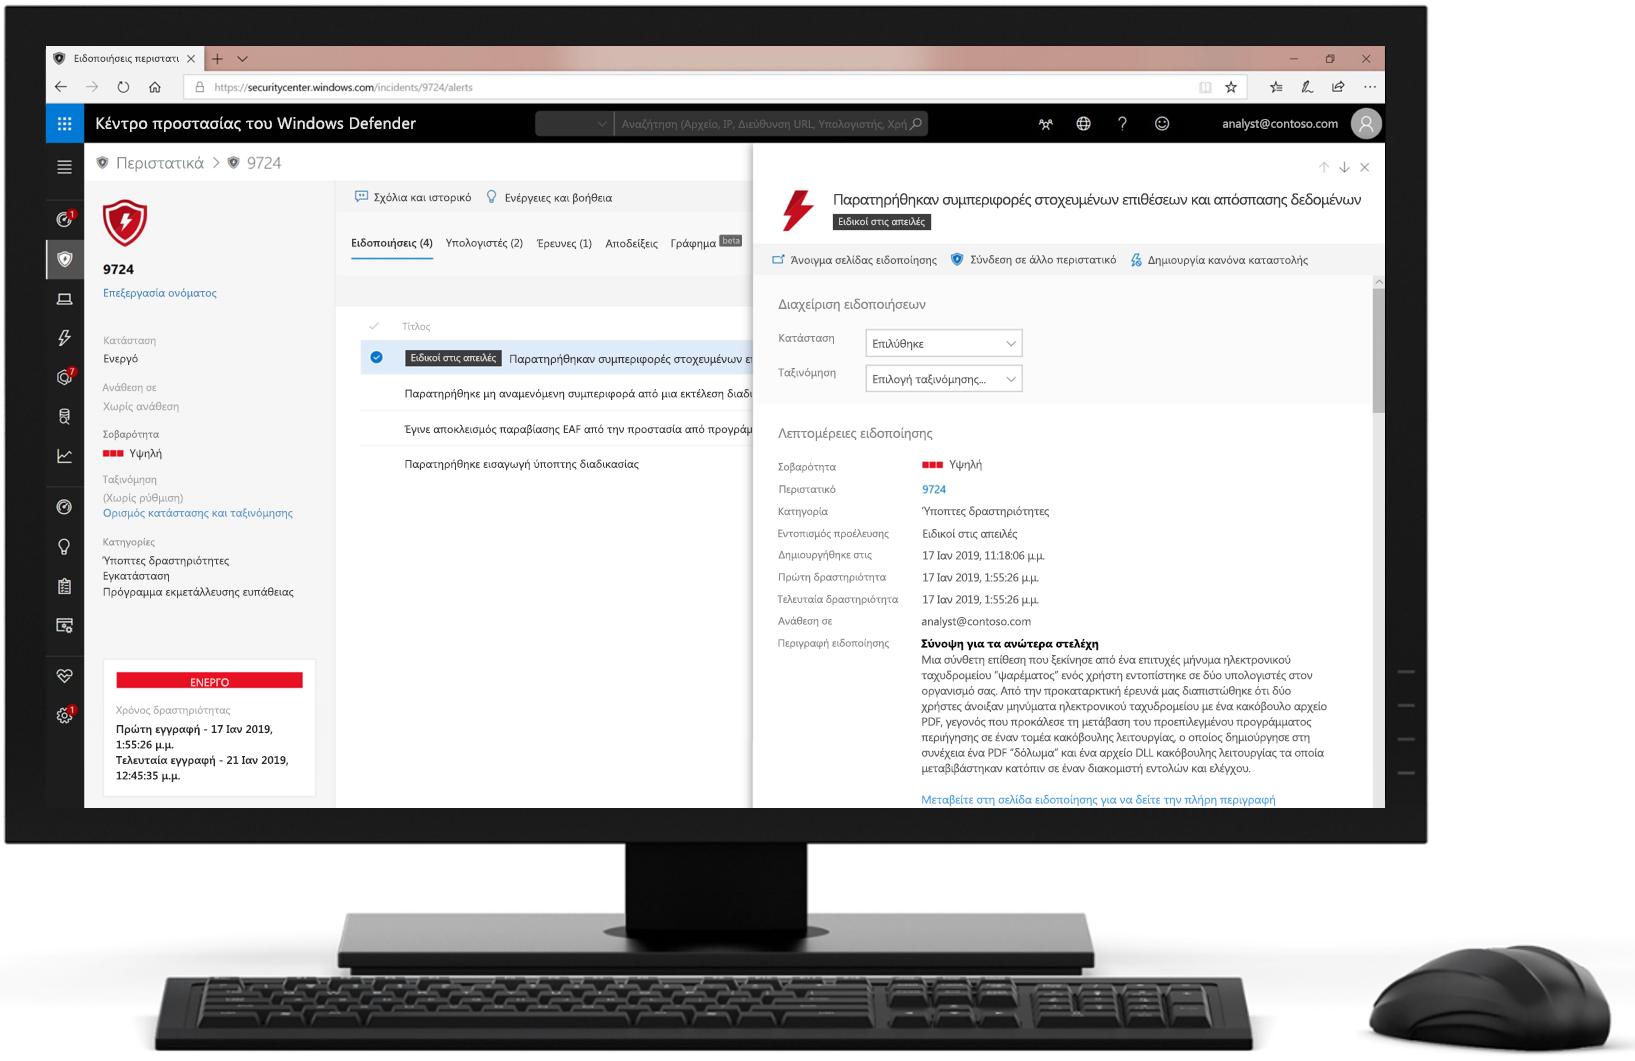 Εικόνα ενός υπολογιστή που εμφανίζει το Κέντρο ασφαλείας του Windows Defender.